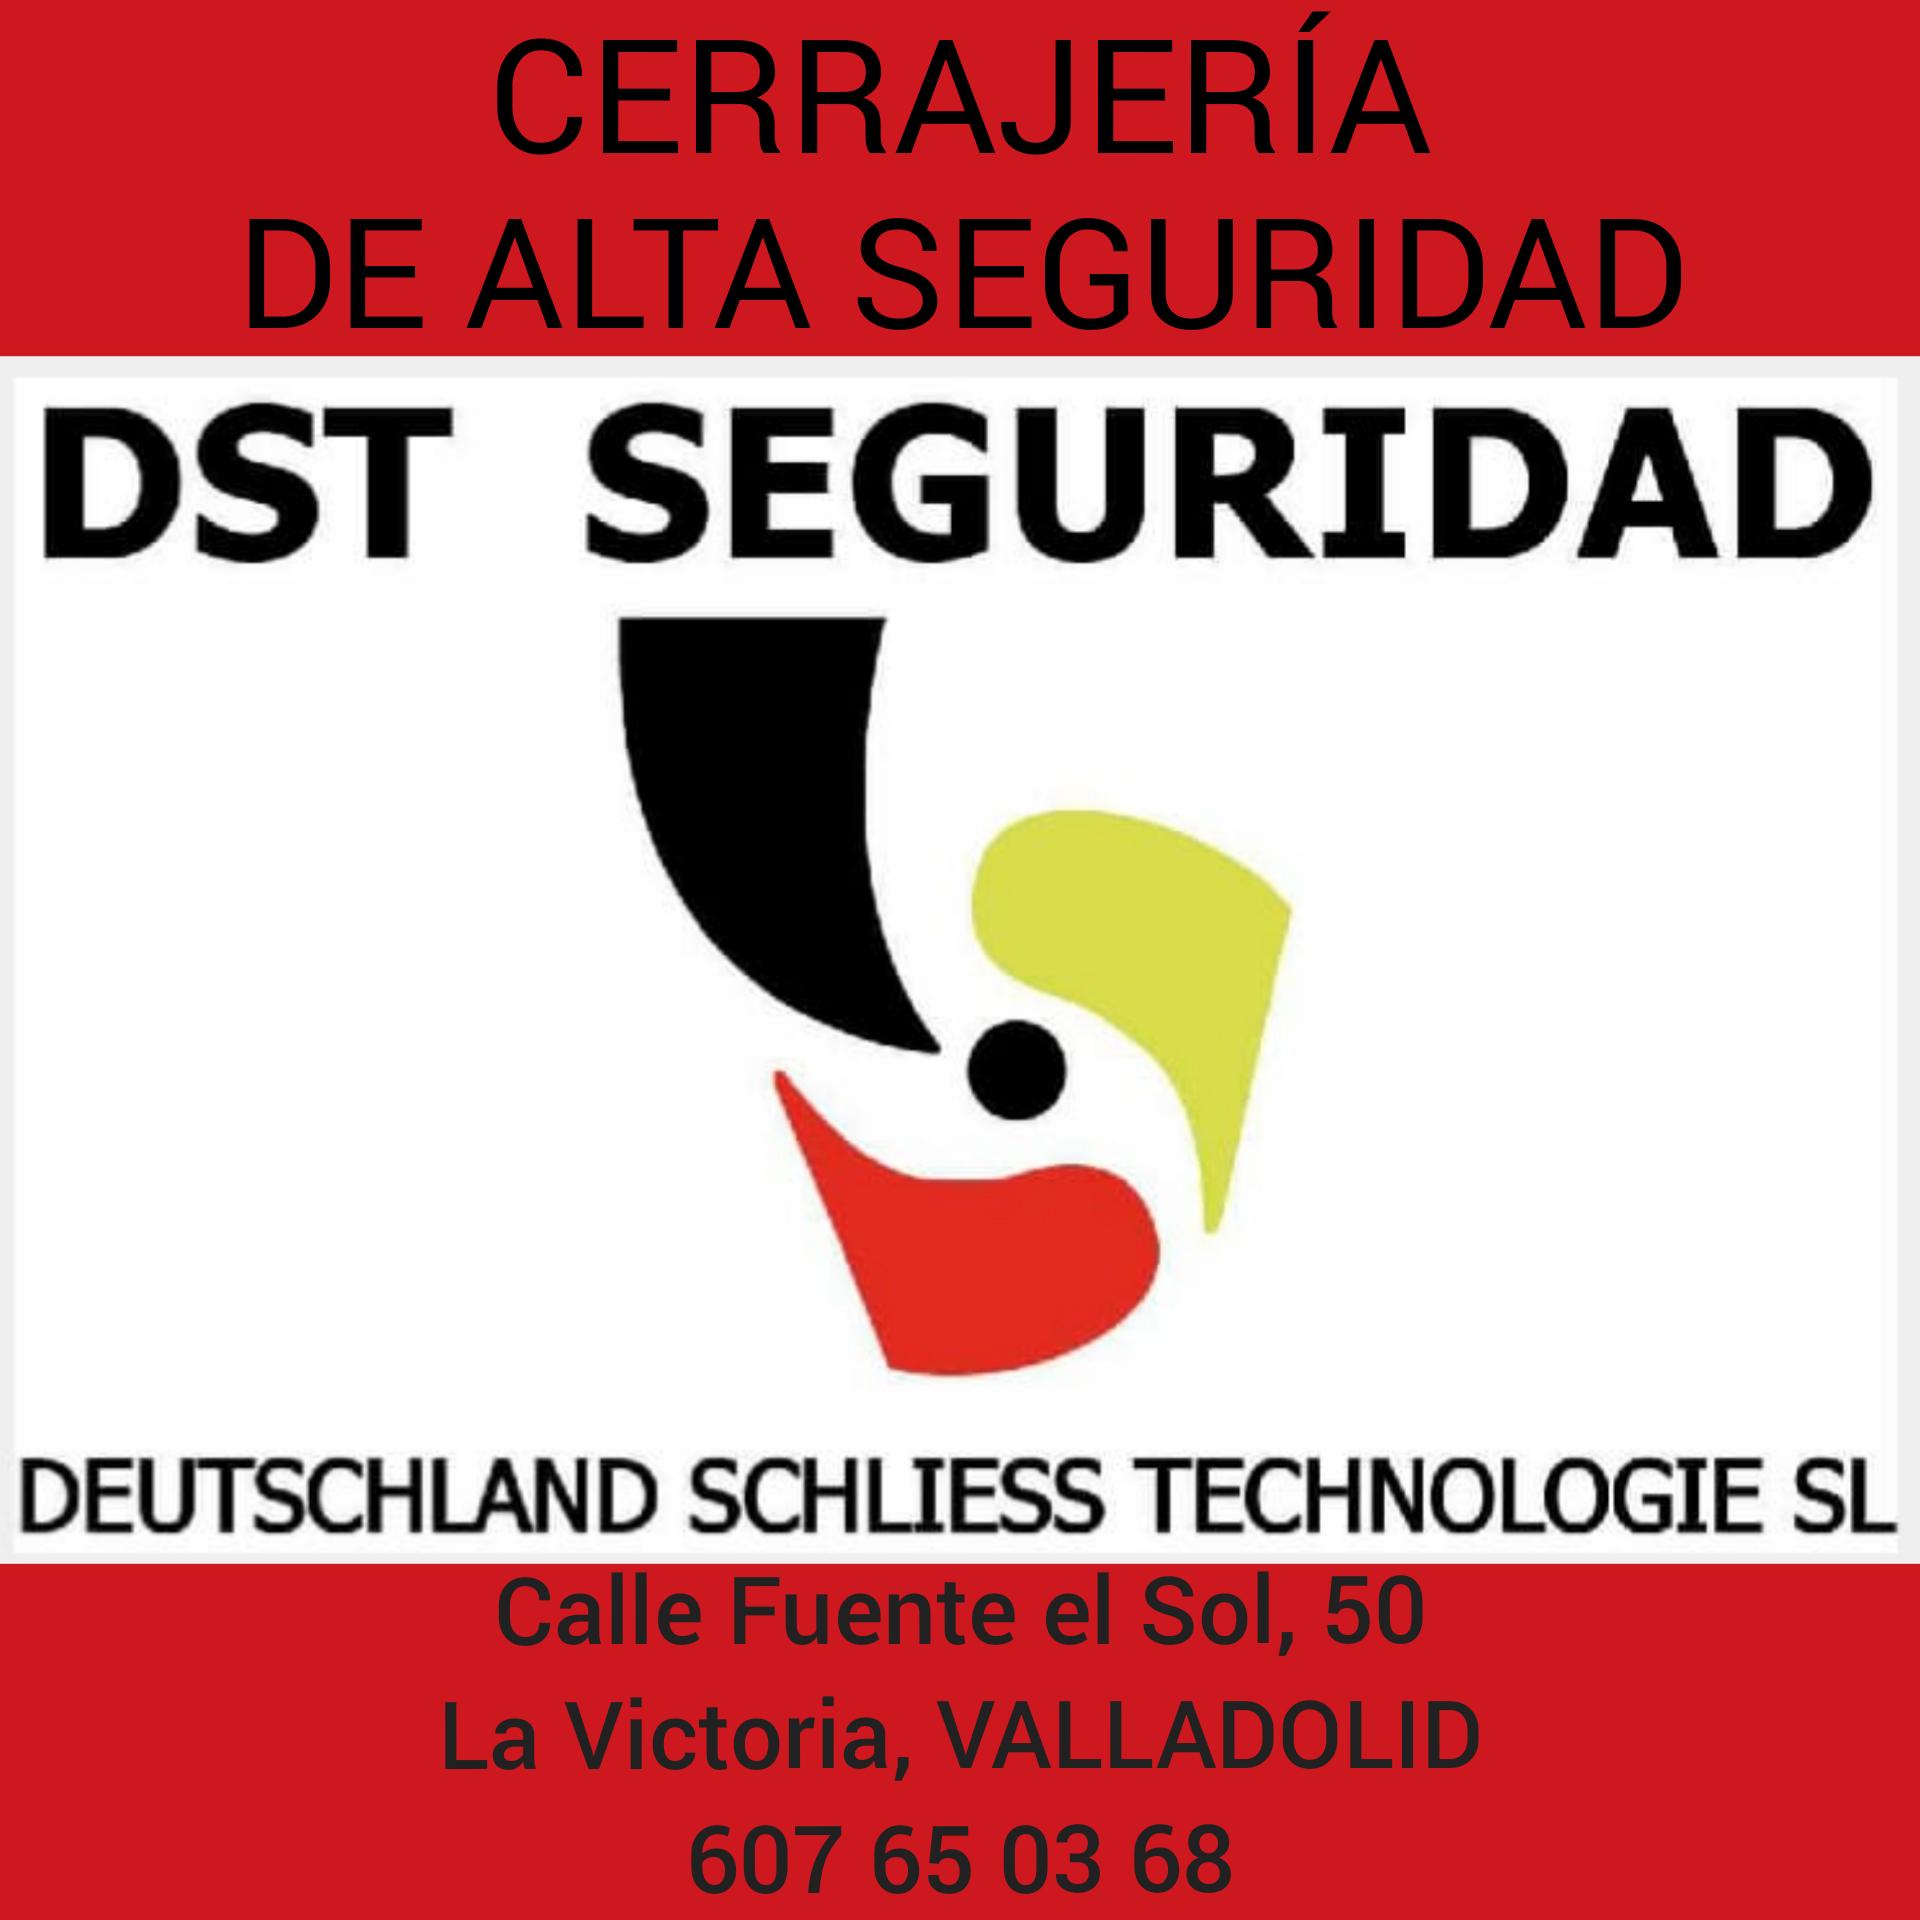 DST Seguridad